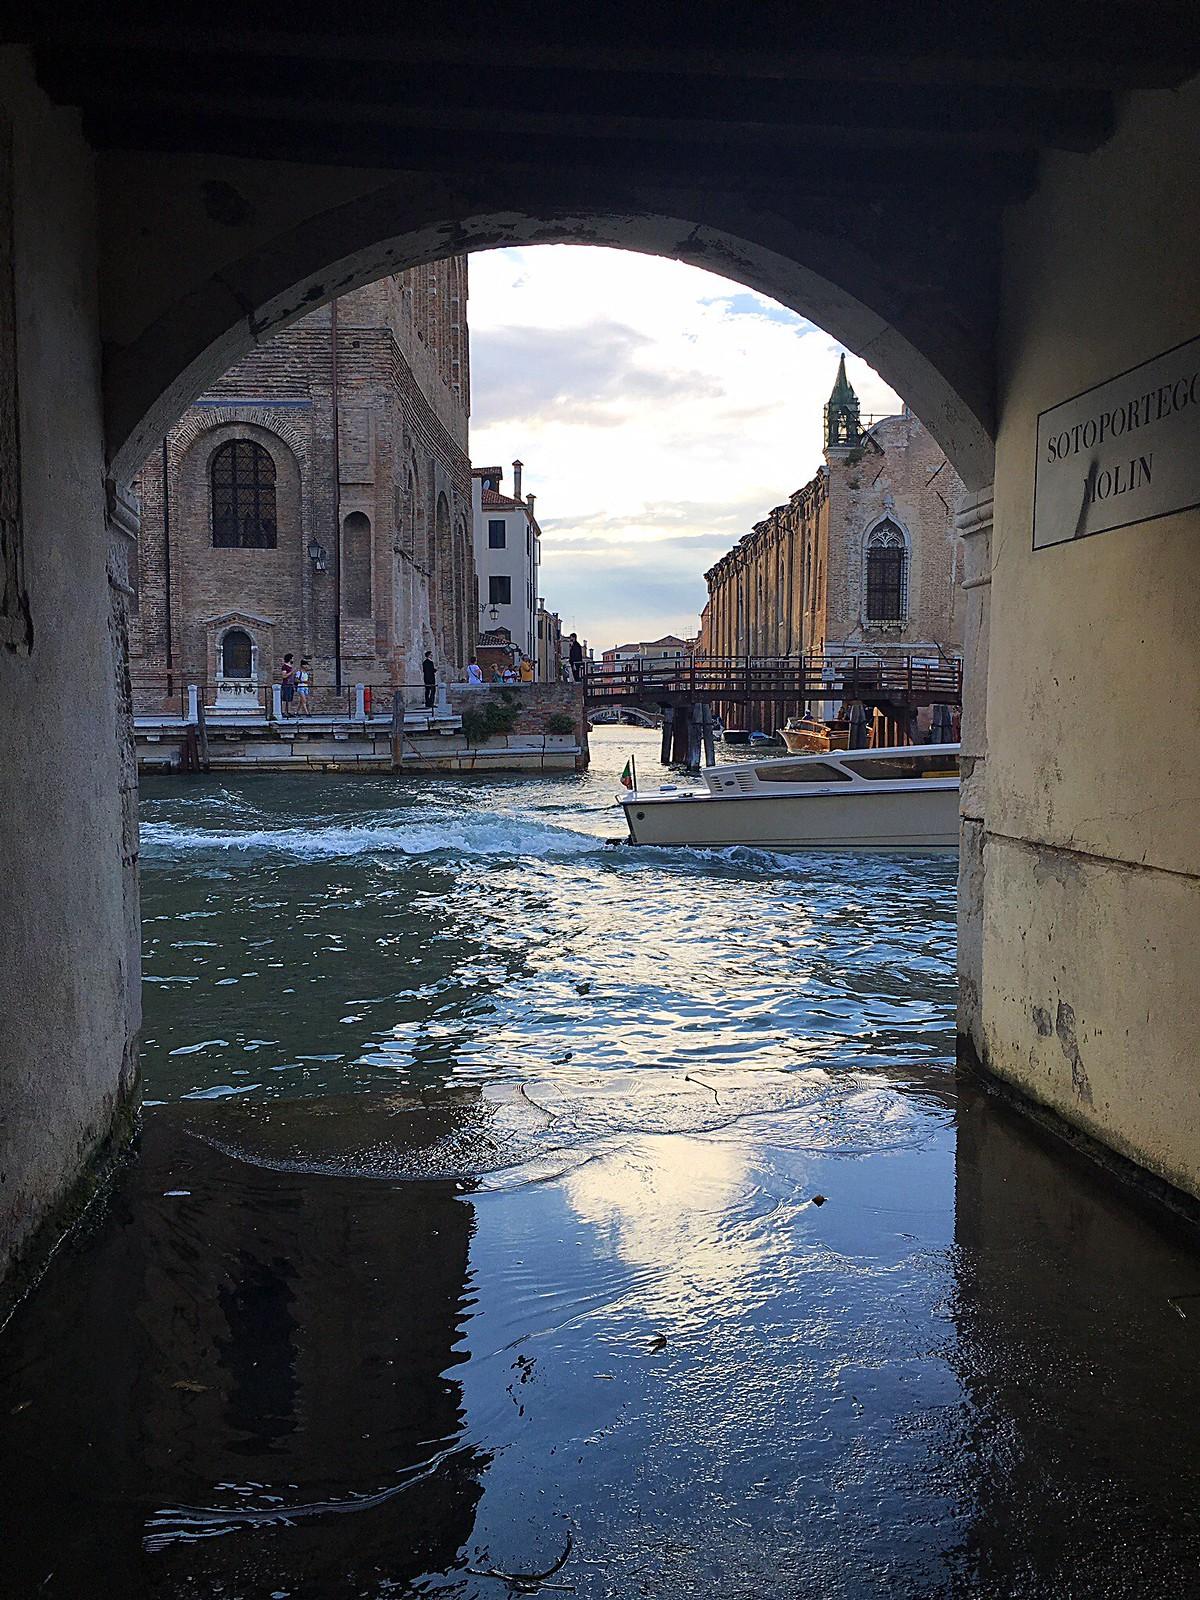 Venetsia sotoportego